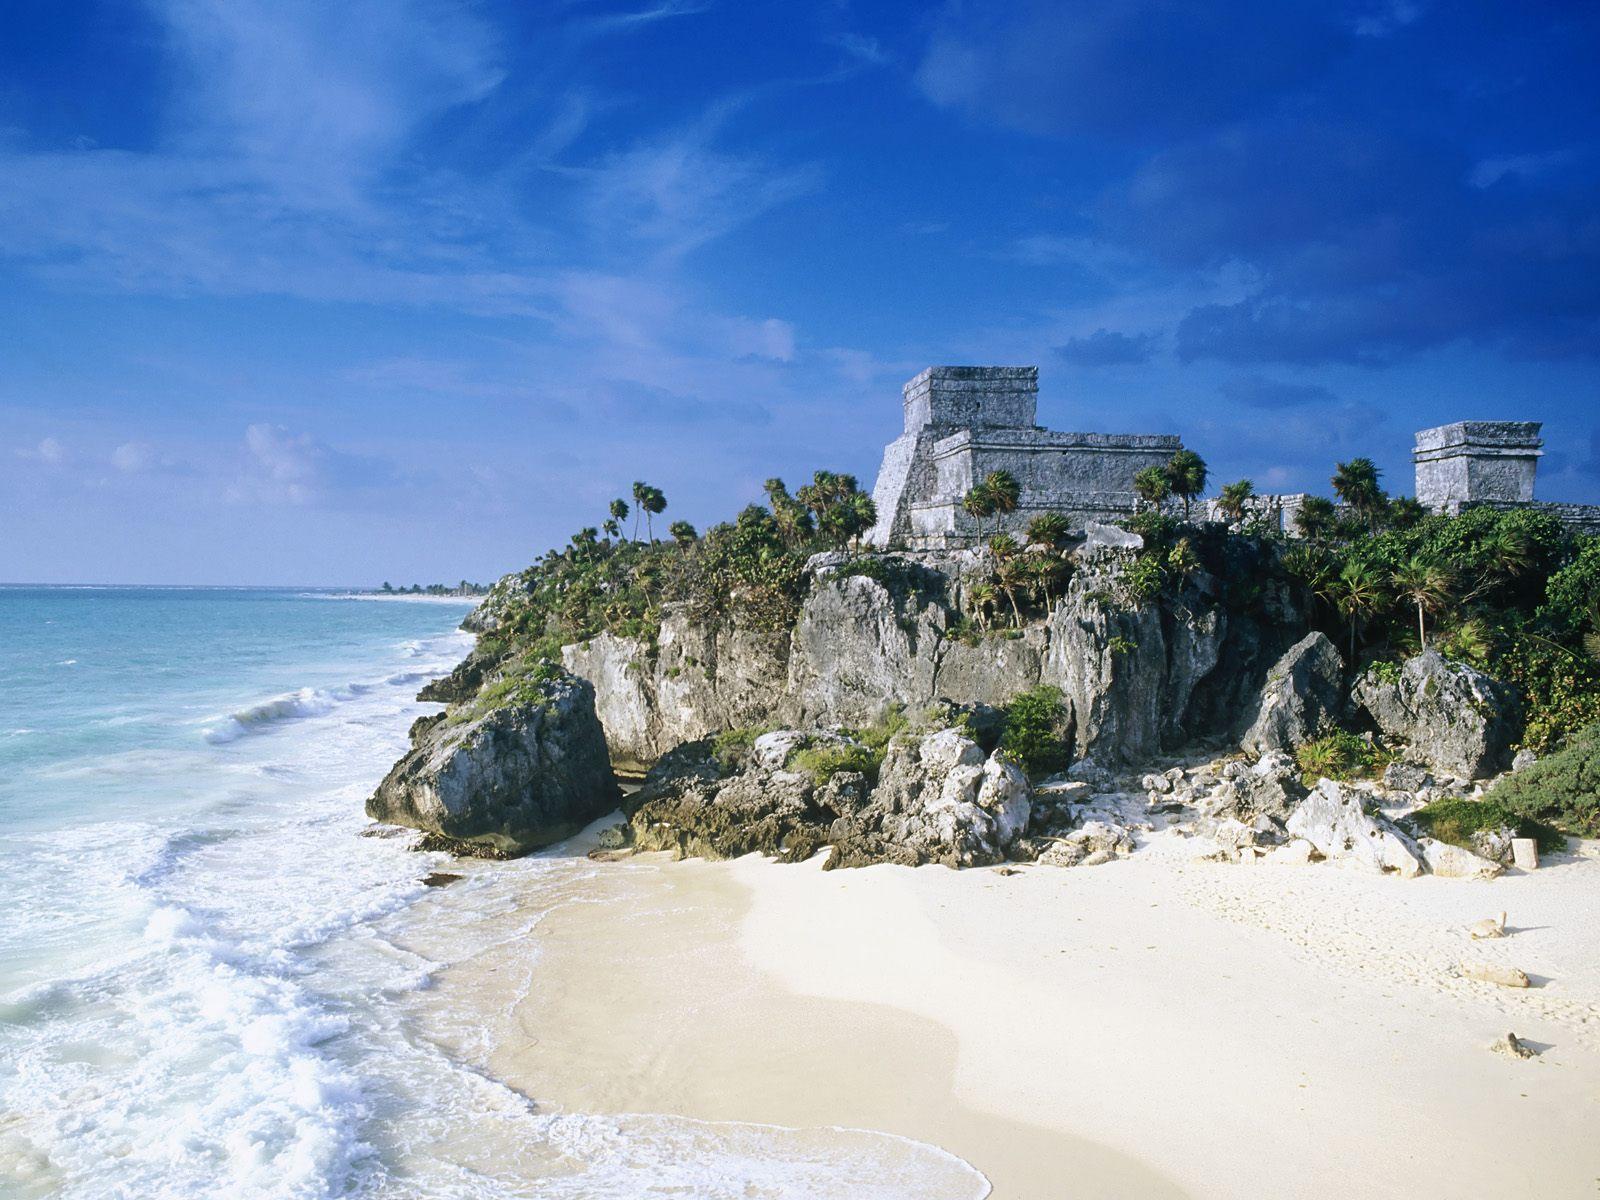 http://2.bp.blogspot.com/-RhfH6rqY4OU/UQCVU39UtoI/AAAAAAAA5aA/LDxSQWC_t2k/s1600/mayan_ruins_mexico_beach-normal.jpg